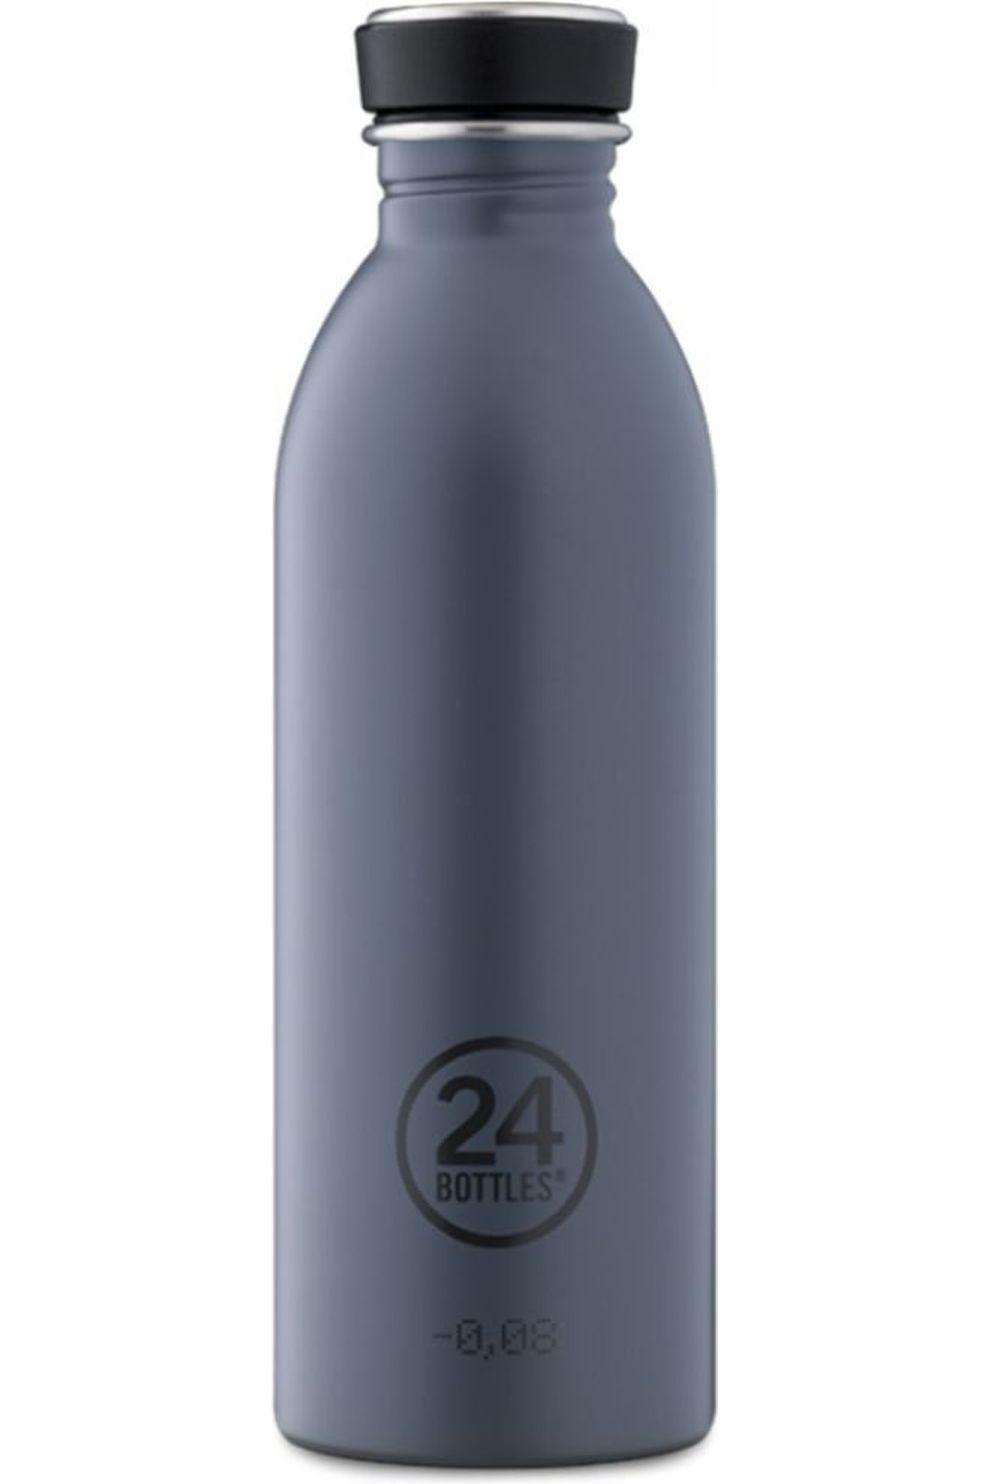 24Bottles Drinkfles Urban Bottle 500ml - Grijs